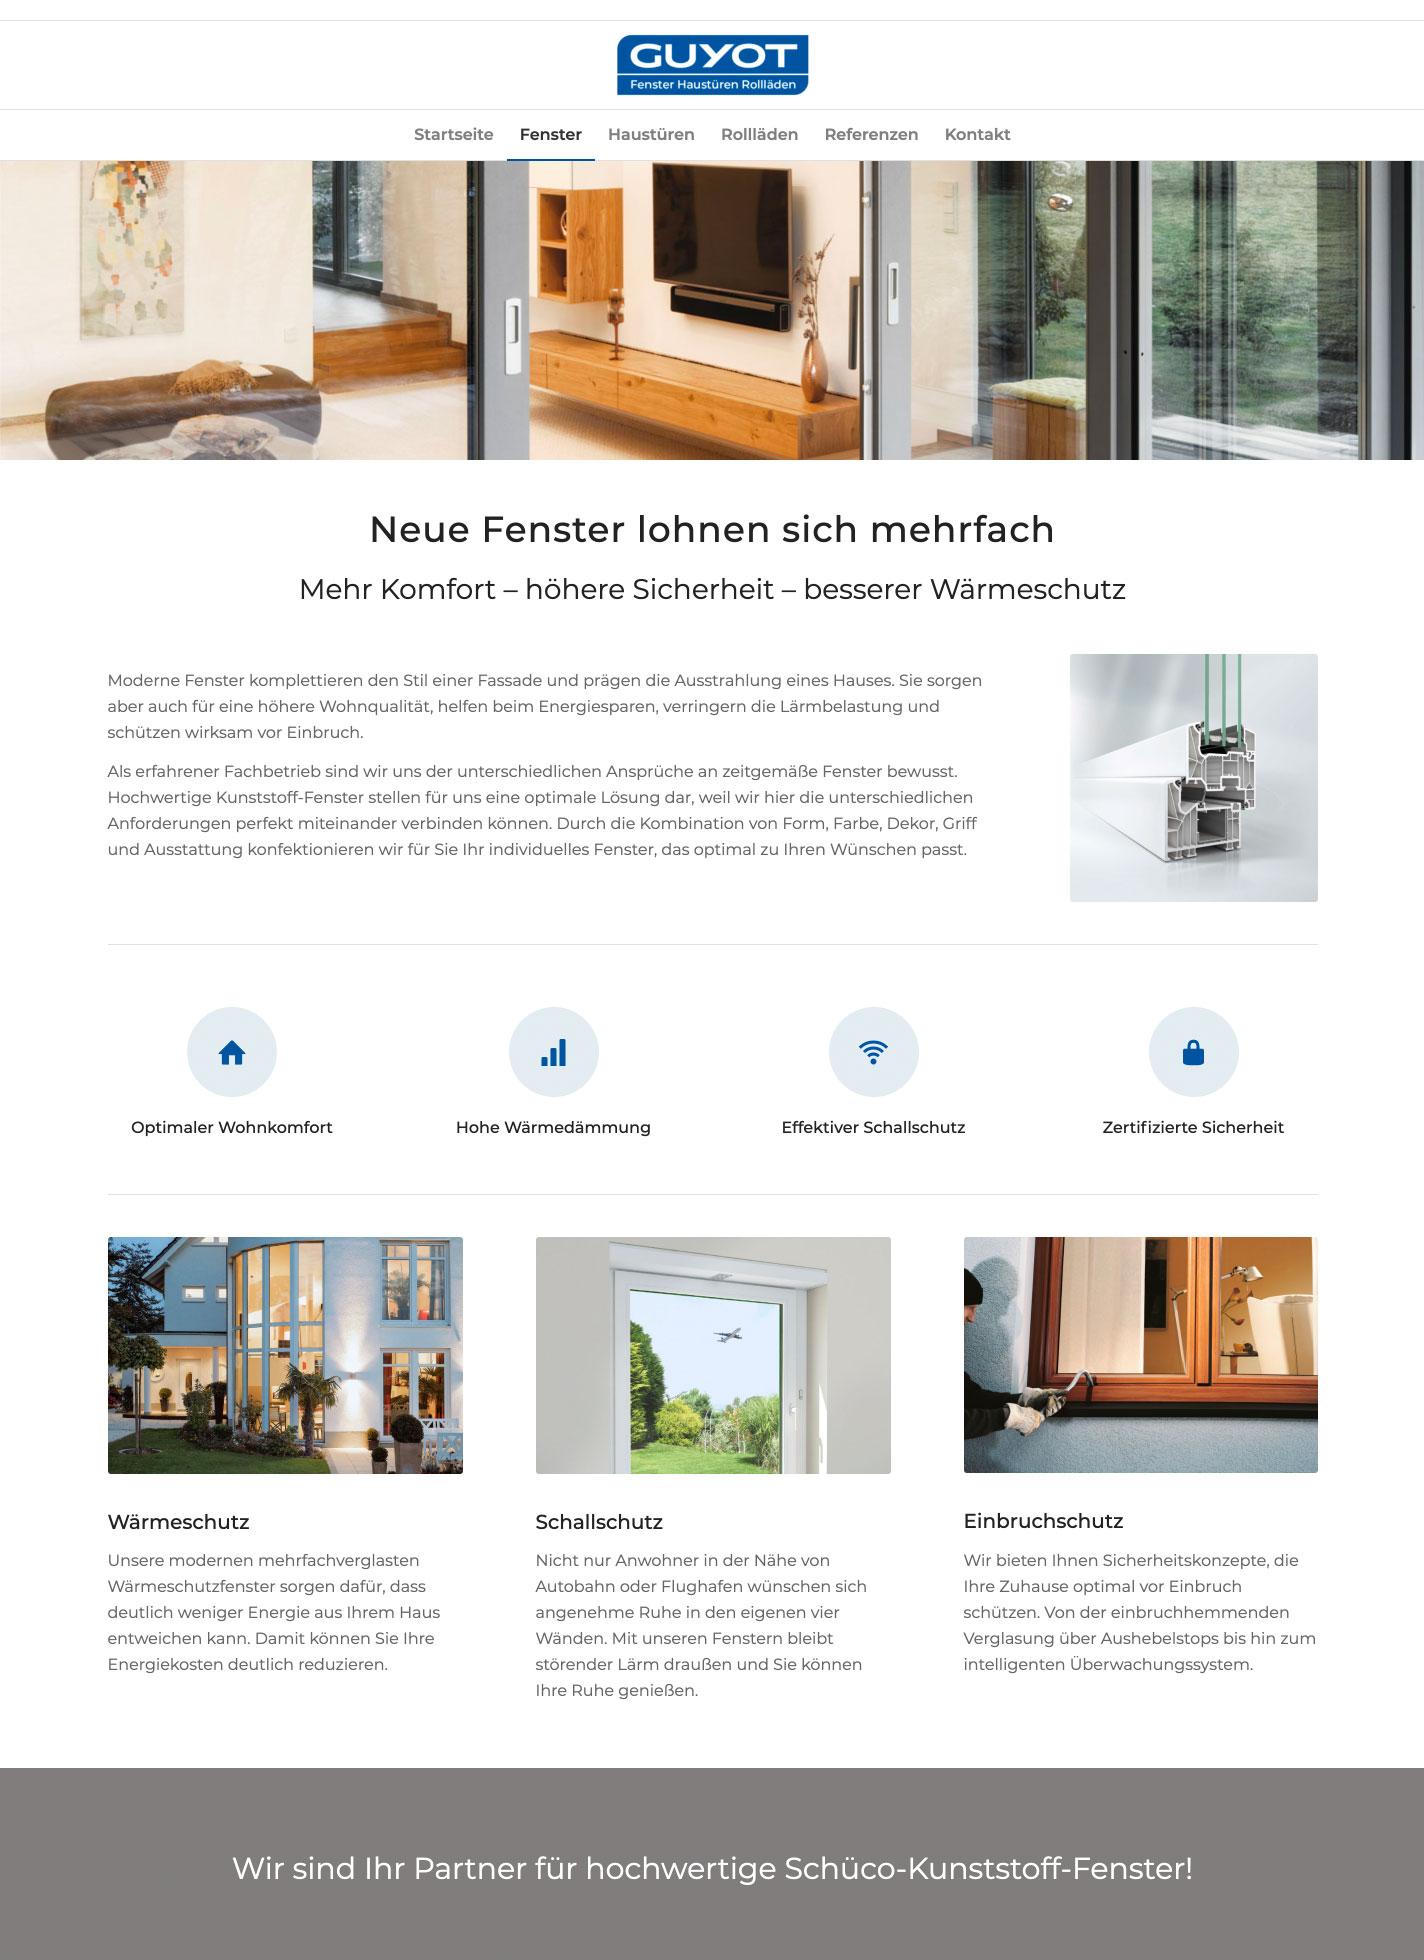 Webseite für GUYOt Fenster Haustüren Rollläden